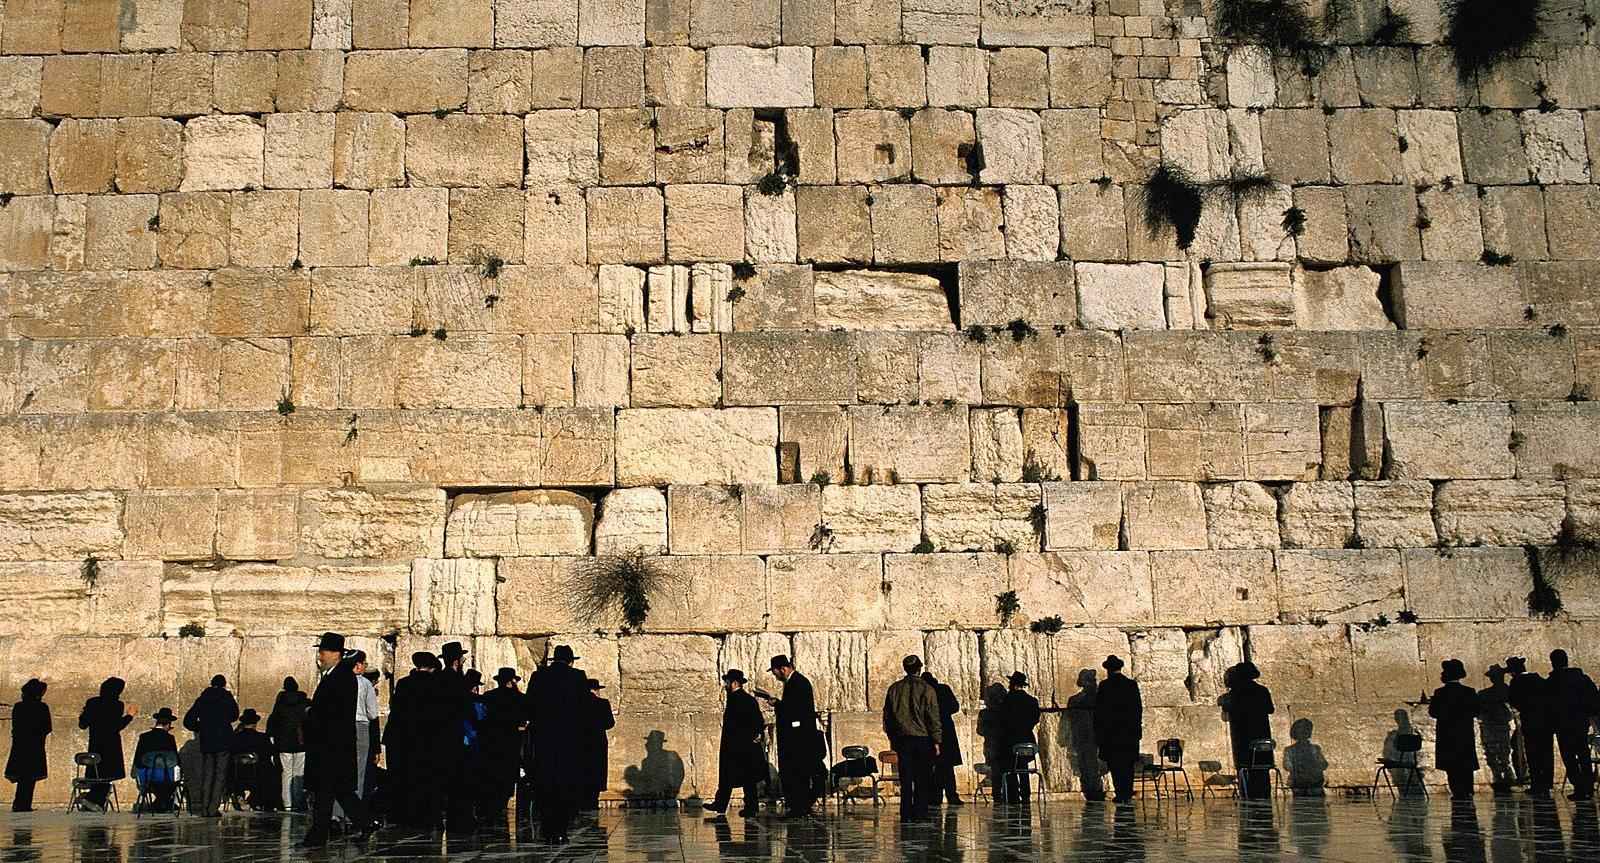 tembok-ratapan-bangsa-yahudi